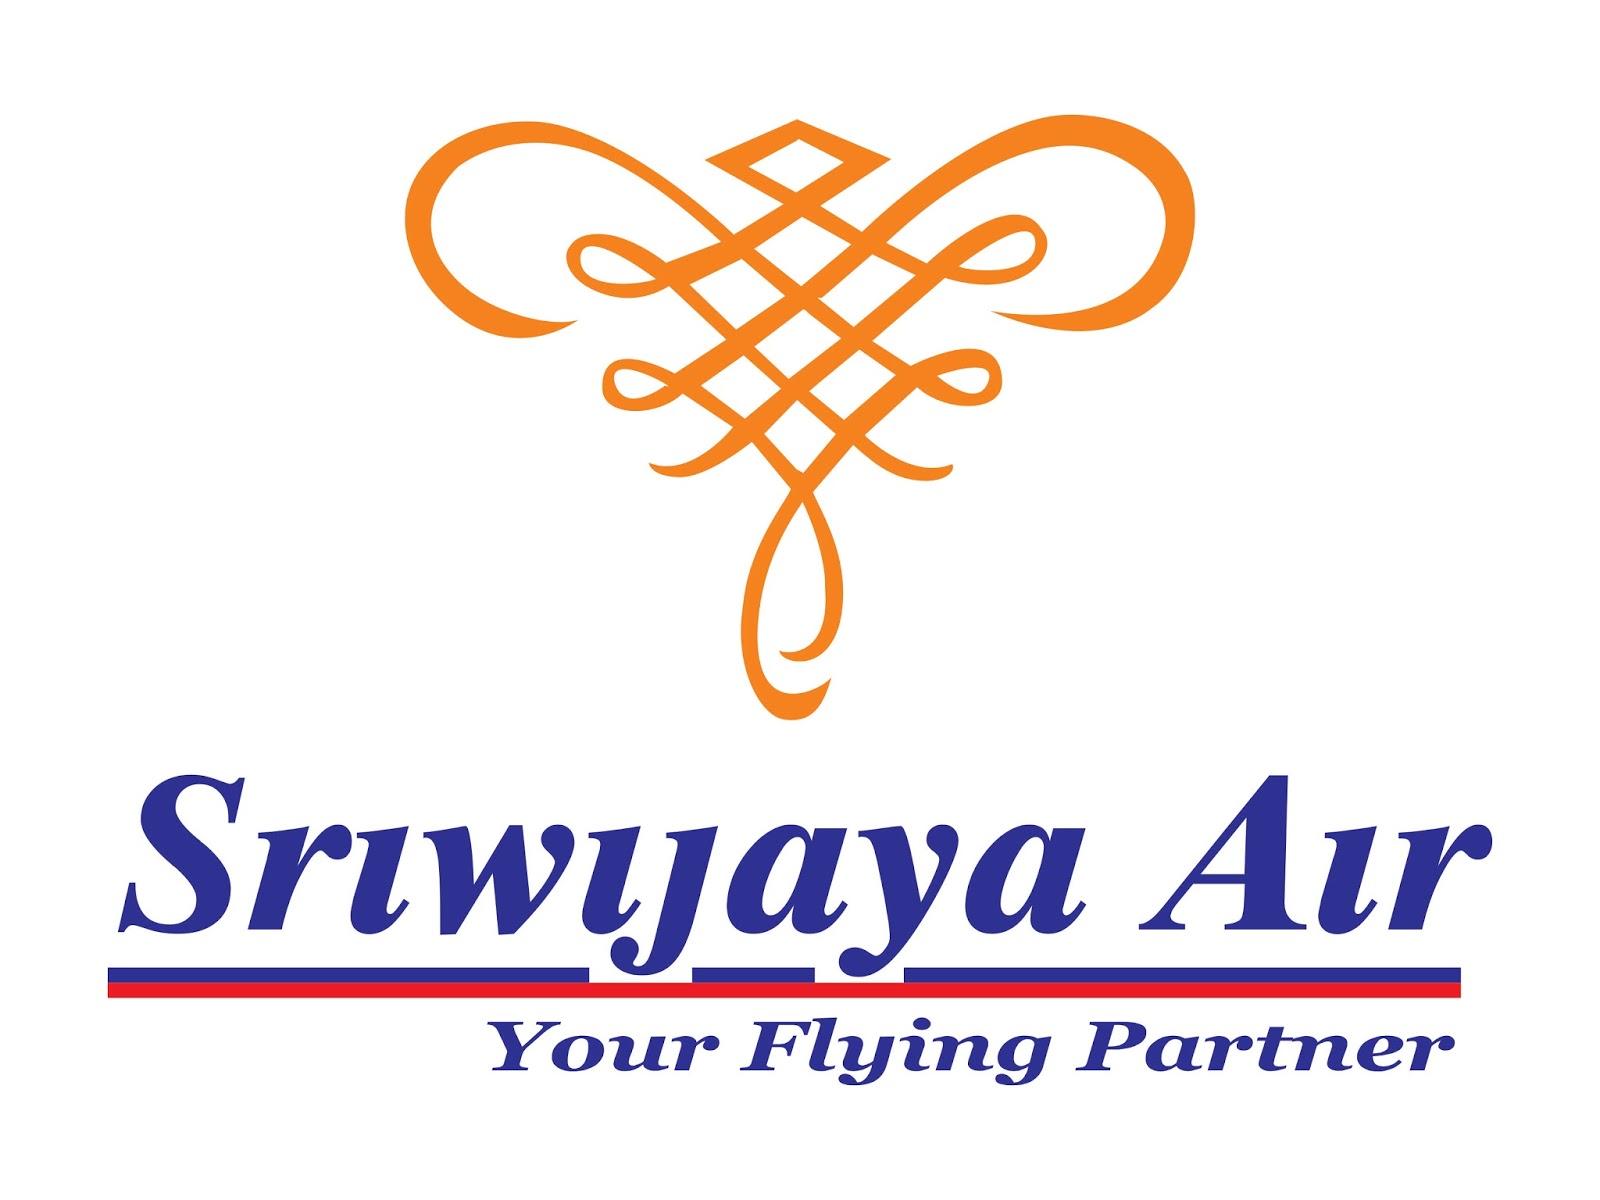 logo sriwijaya air format cdr amp png gudril logo tempat